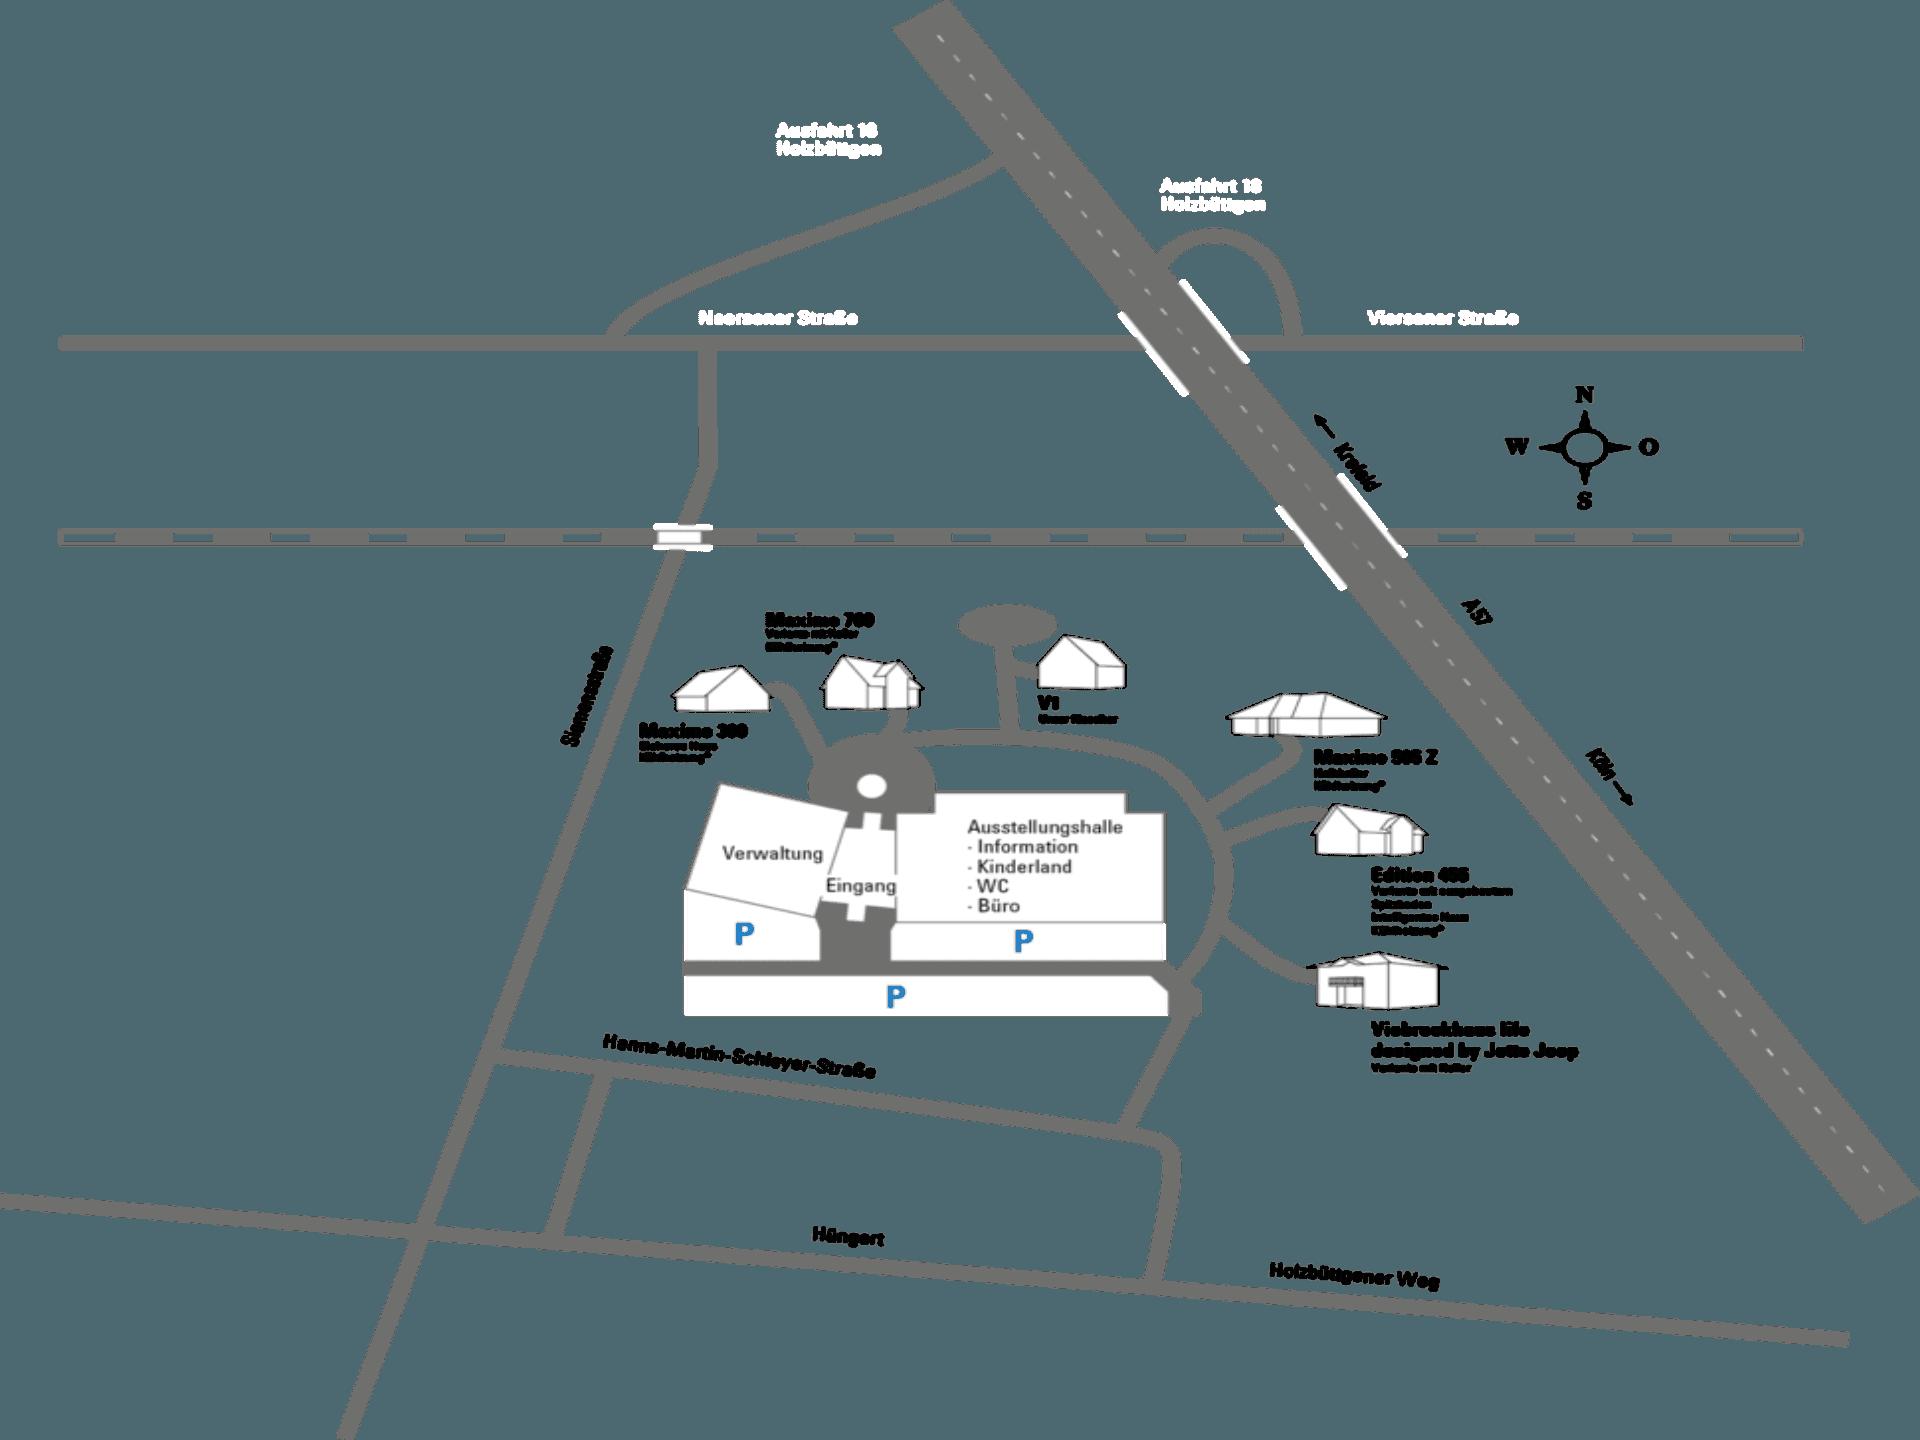 Viebrockhaus Hausaustellung Kaarst Lageplan